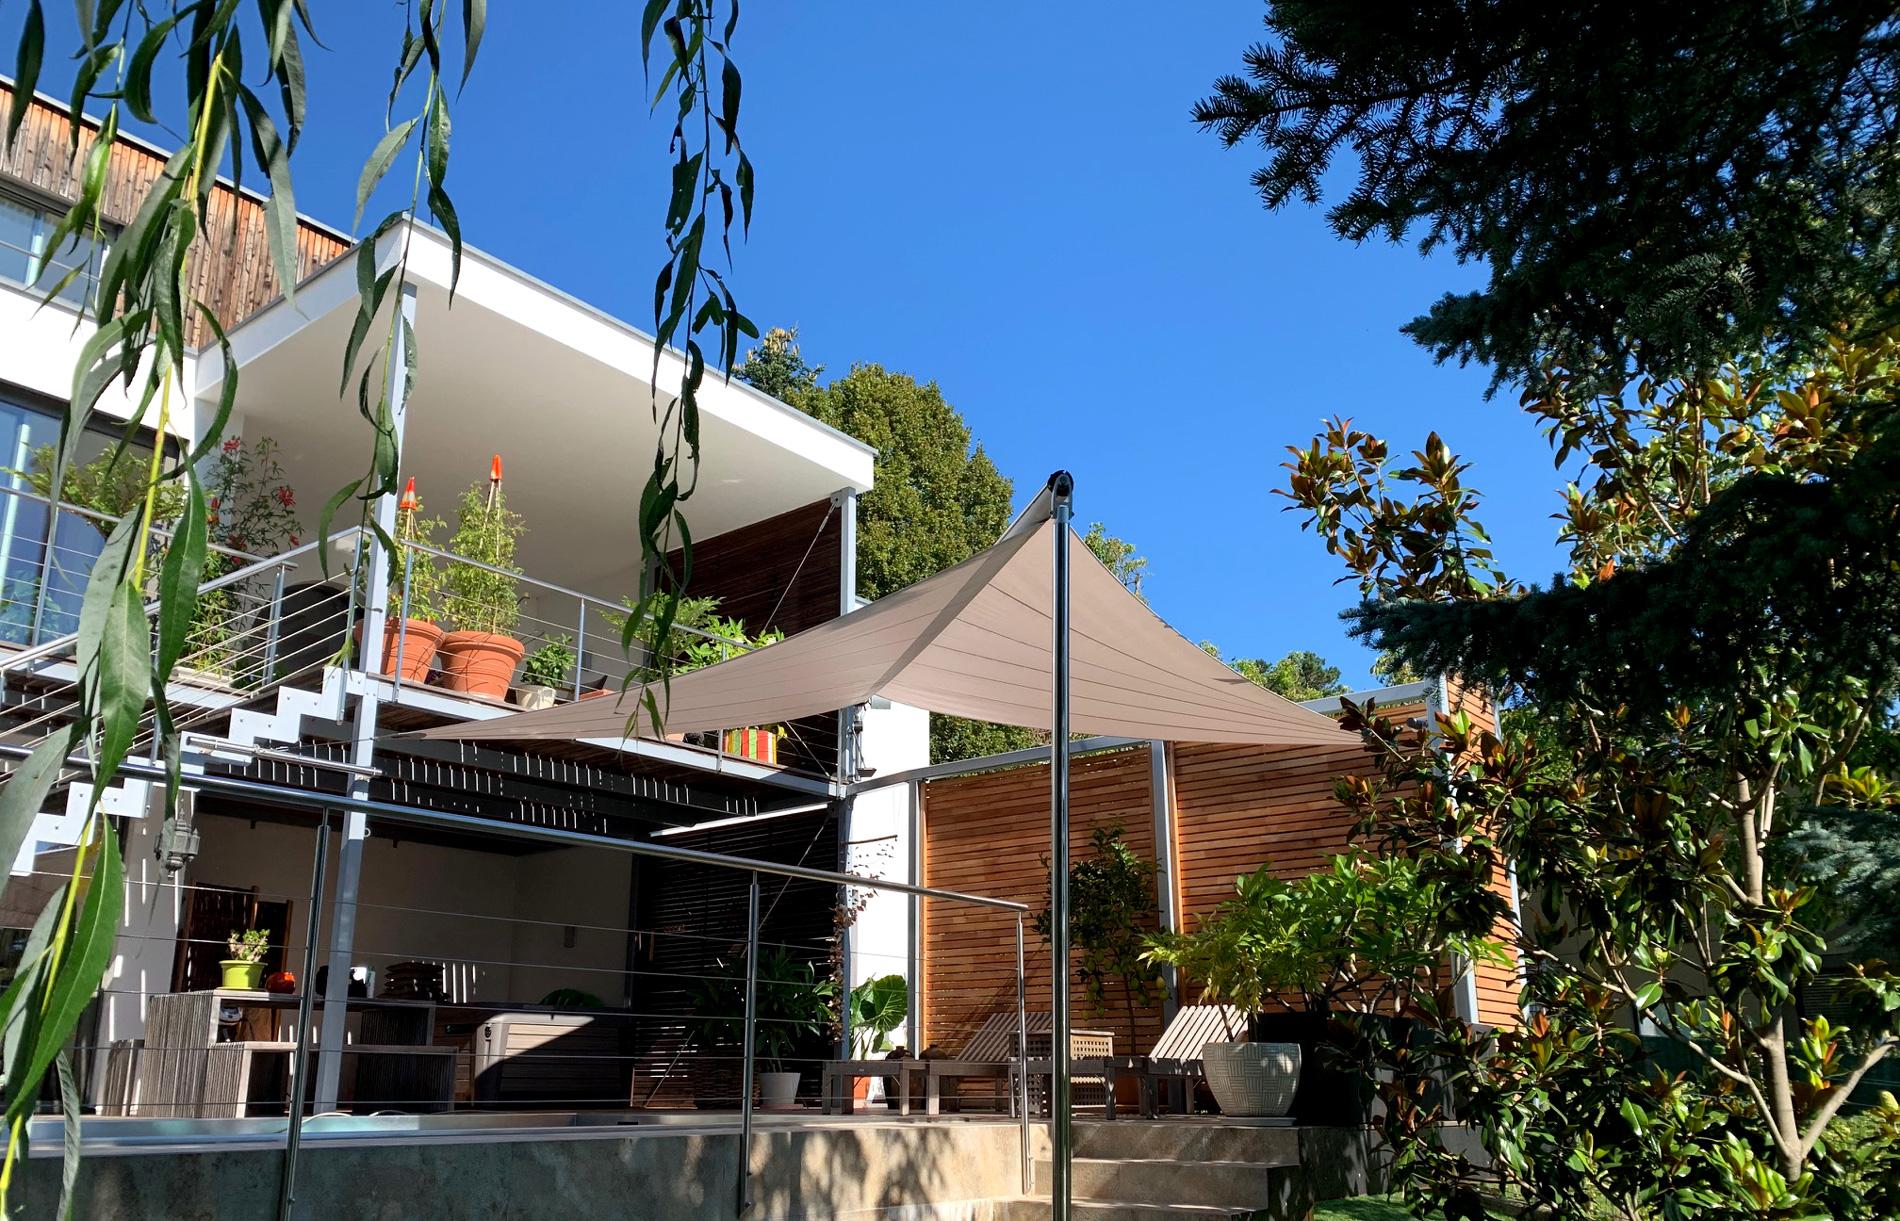 SunSquare Dreiecksegel für die Erweiterung des Wohnbereichs.